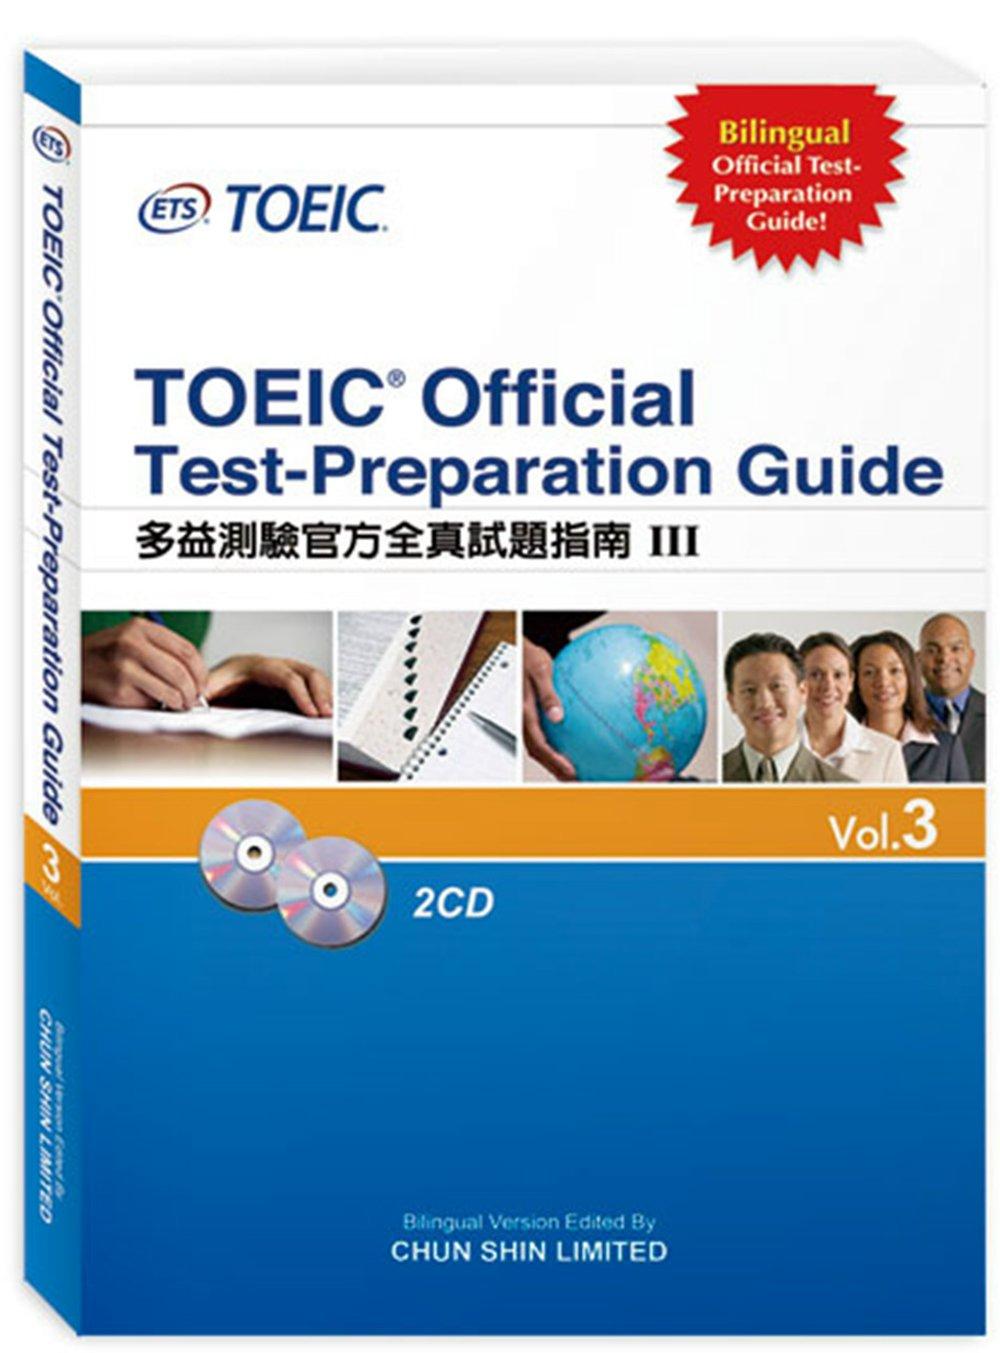 多益測驗官方全真試題指南Ⅲ TOEIC Official Test-Preparation Guide Vol.3(附2CD)